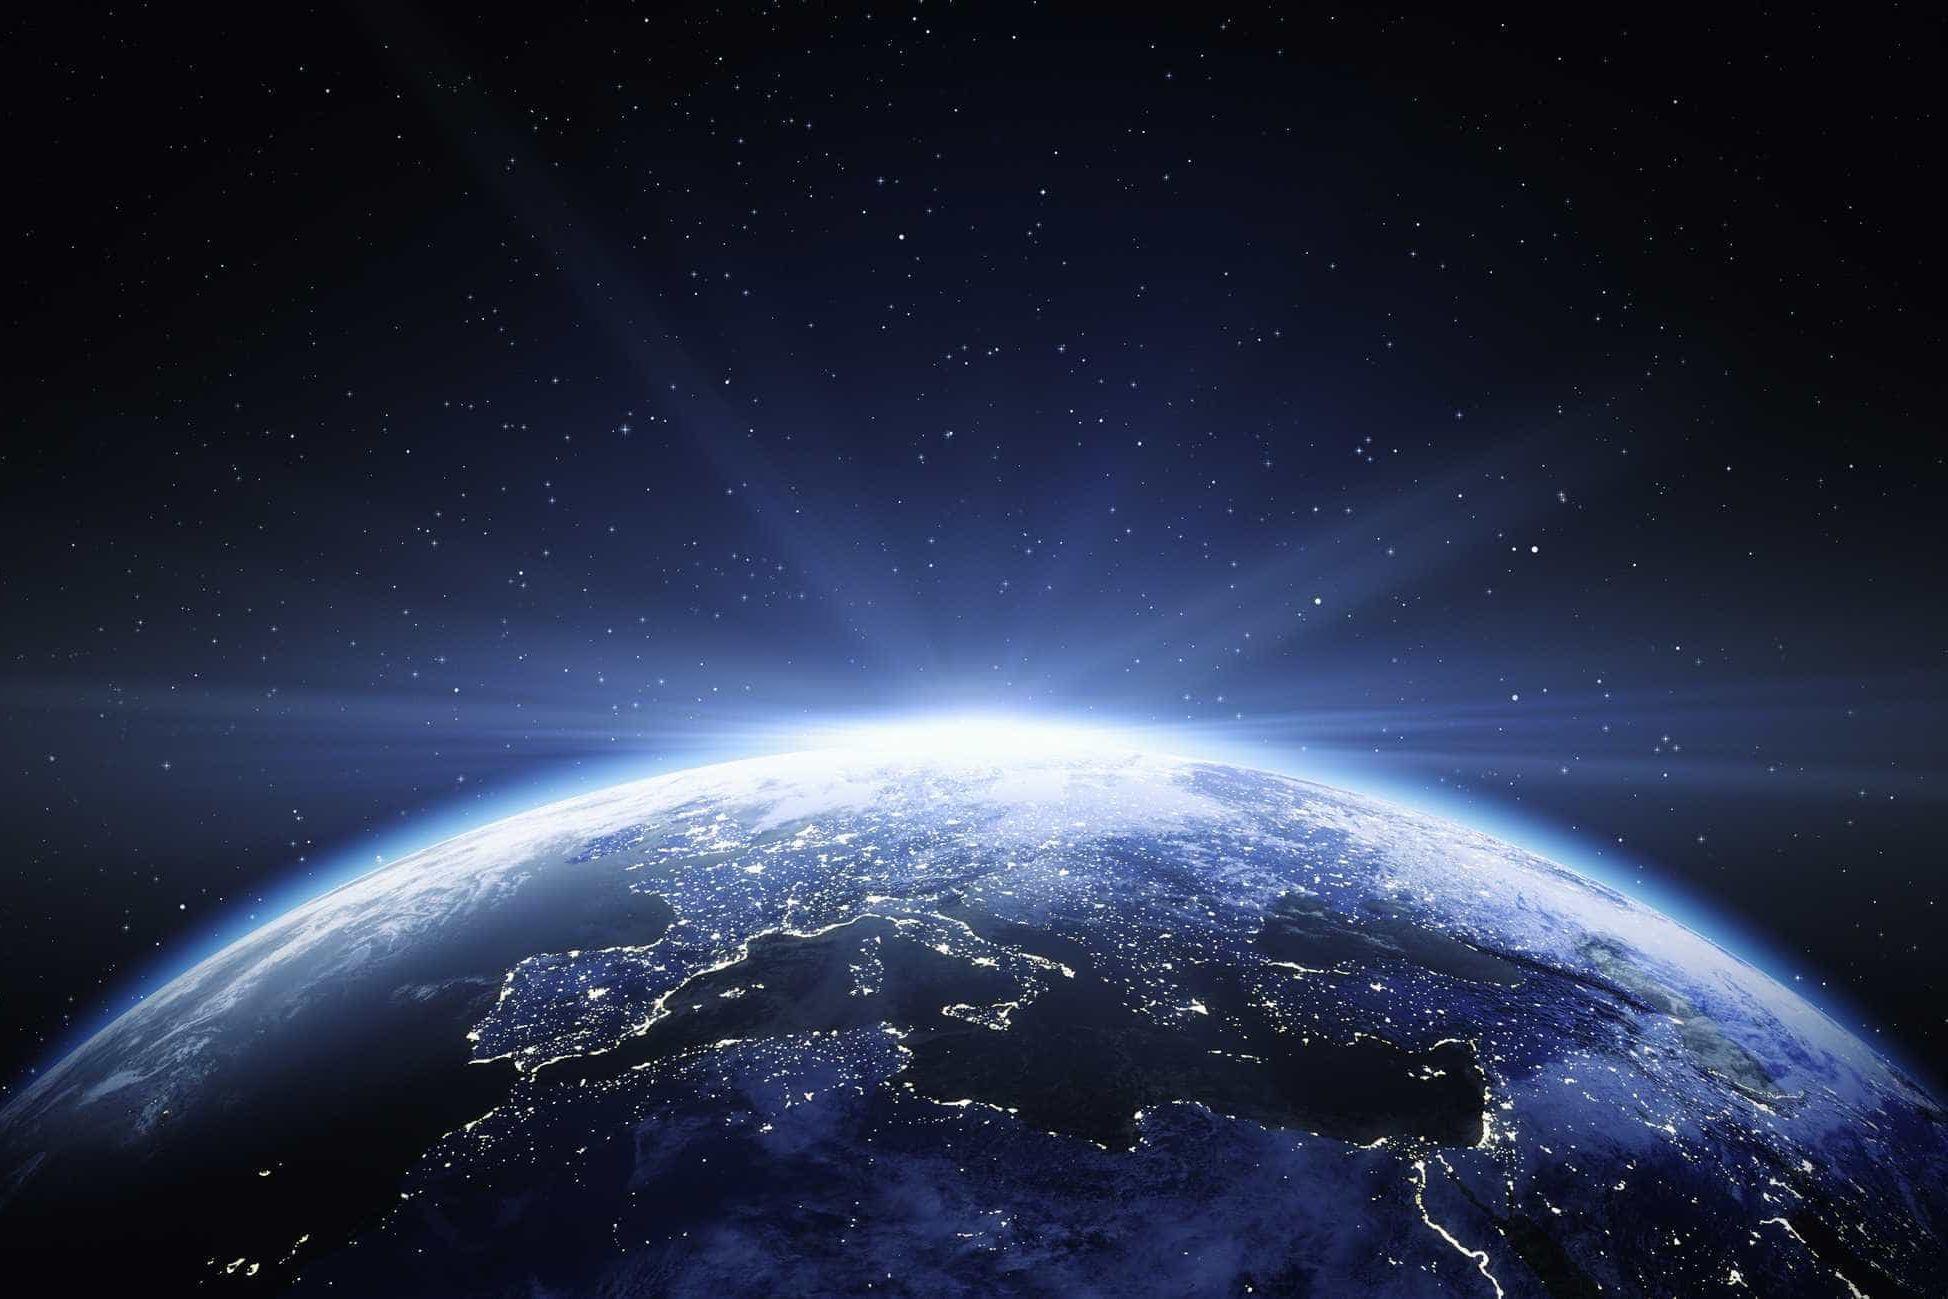 Especialistas reunidos para lançarem bases de tratado de paz no espaço